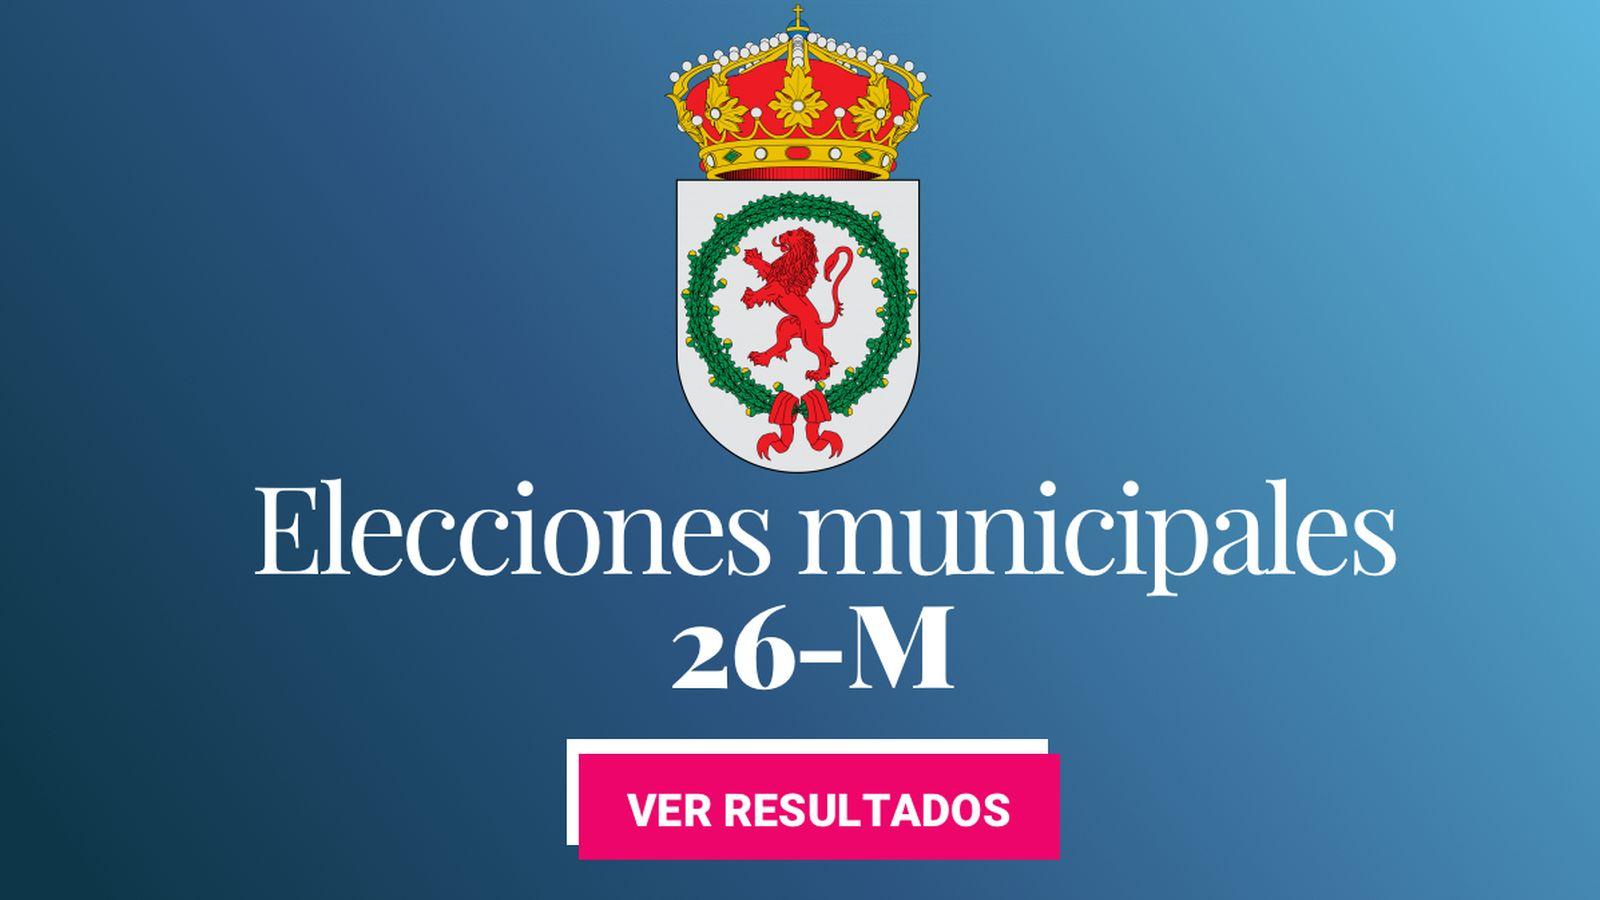 Foto: Elecciones municipales 2019 en Coslada. (C.C./EC)